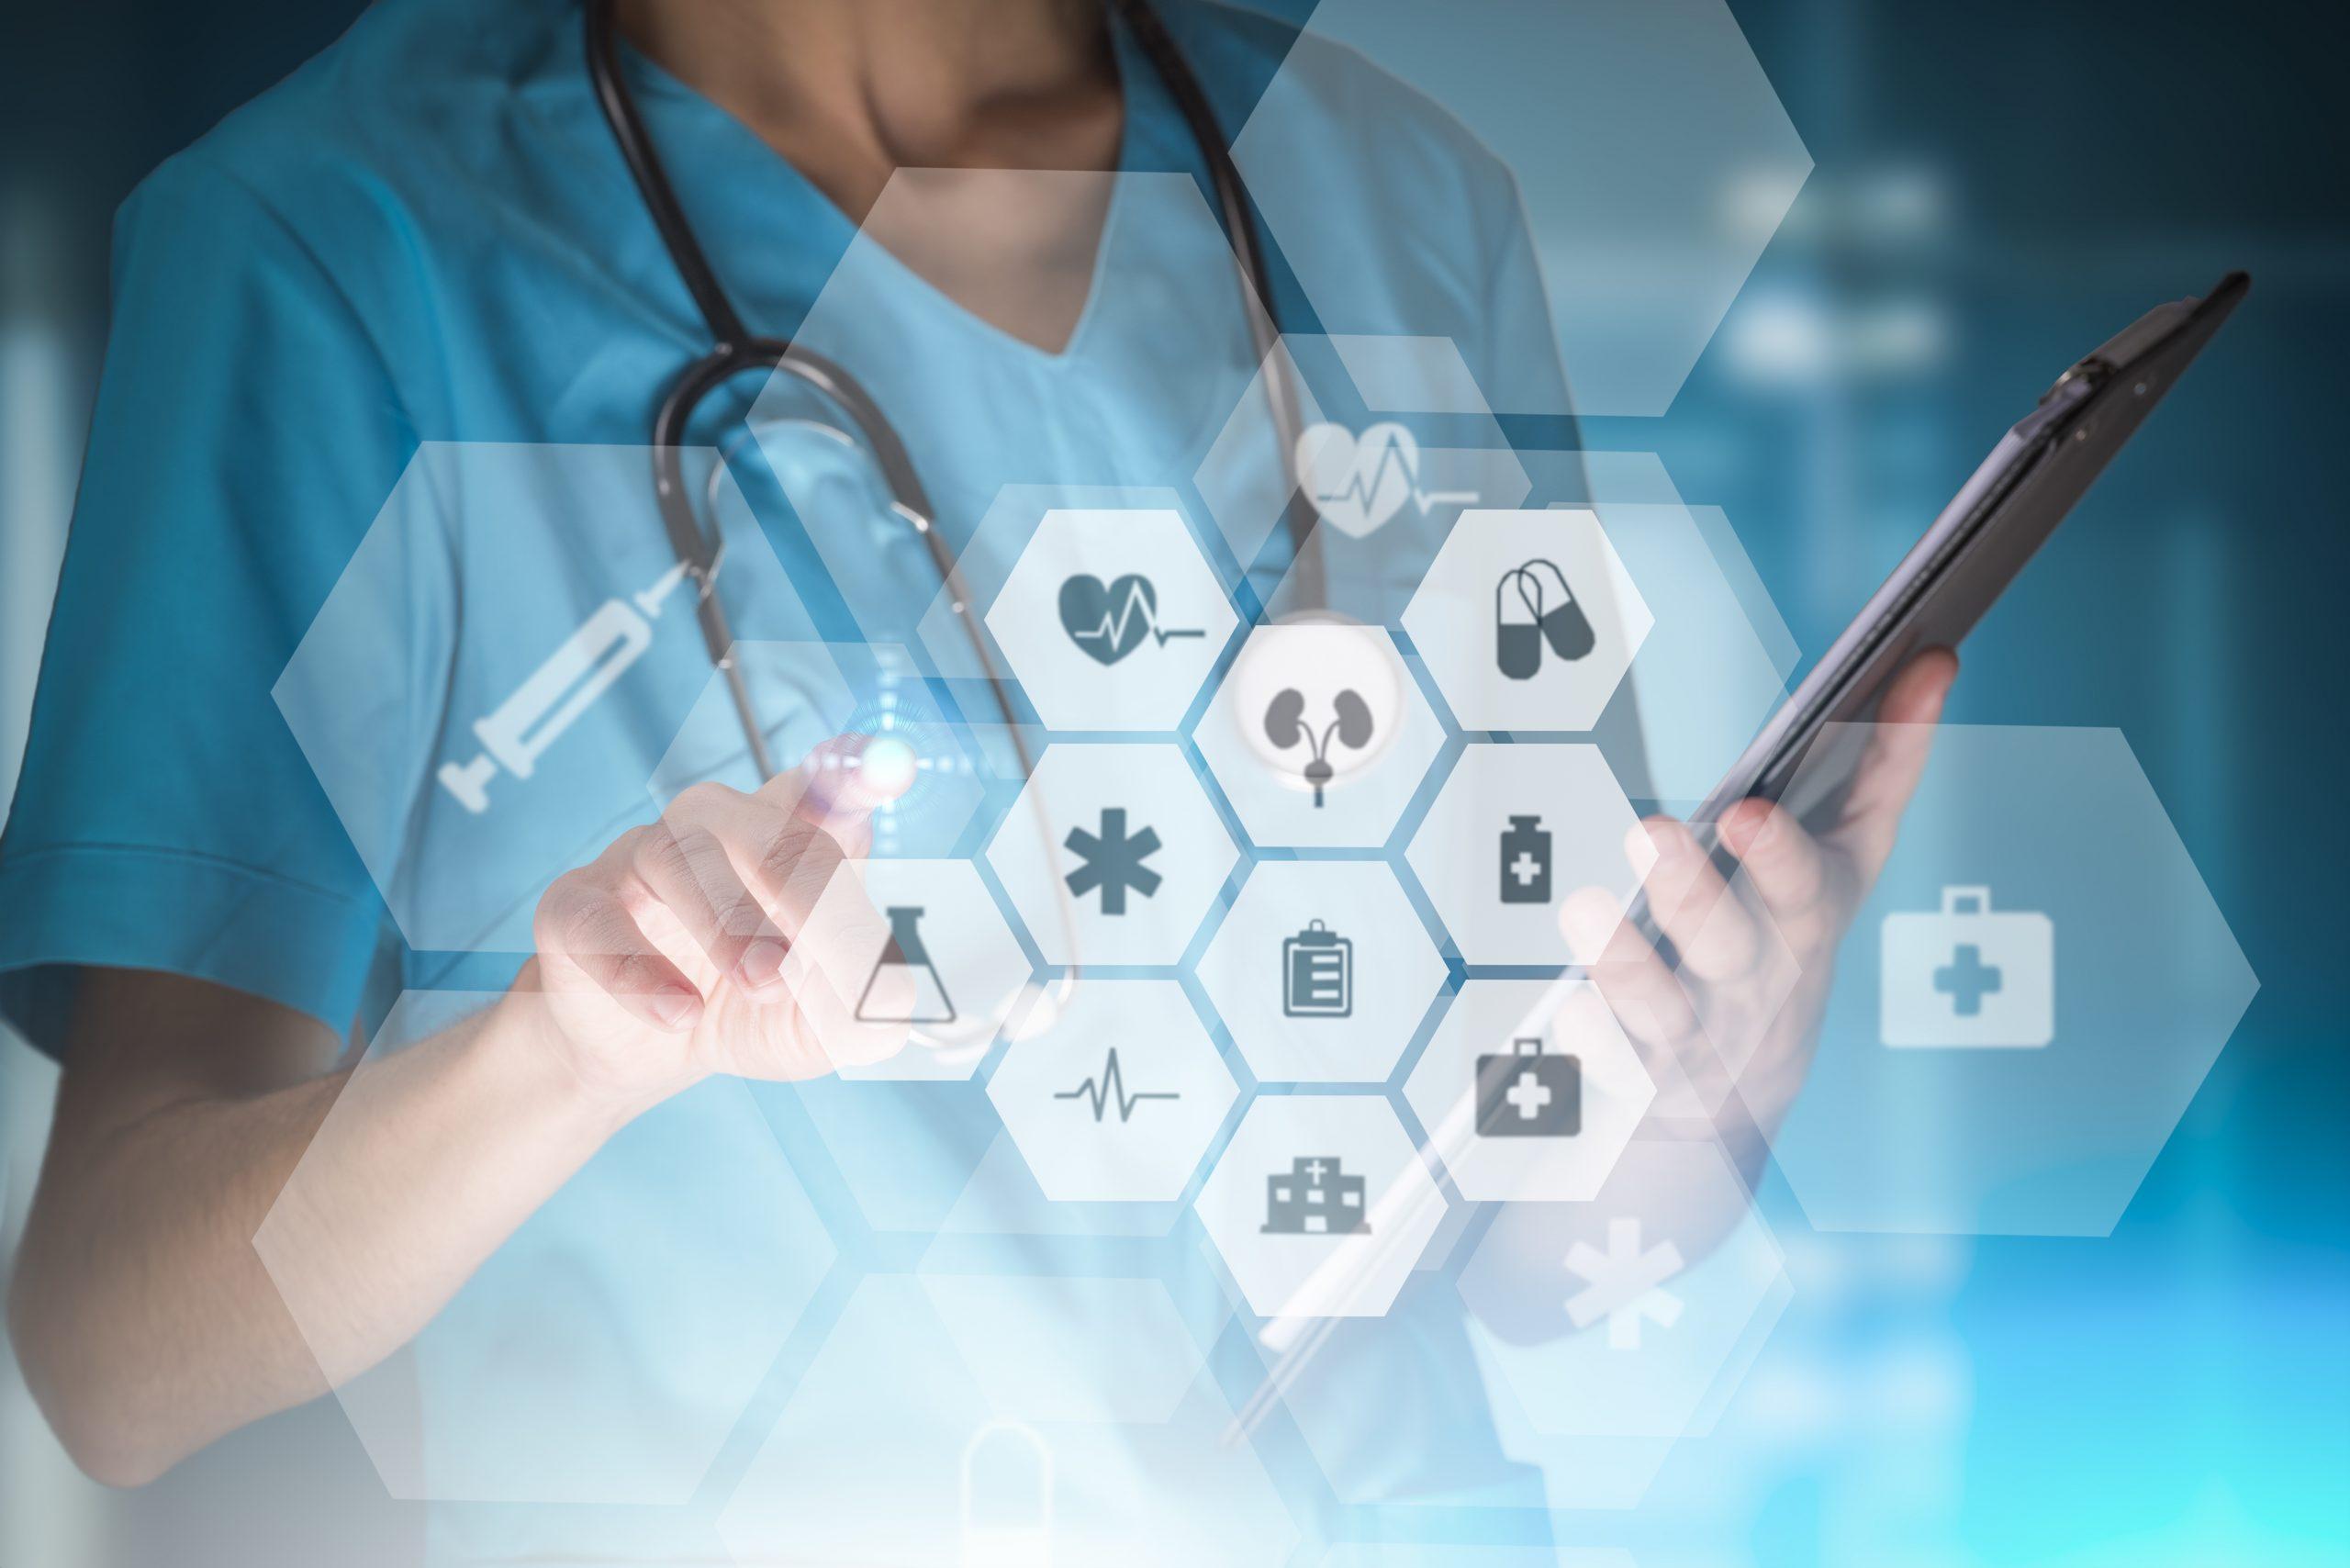 La digitalizzazione della sanità: la visione di Engineering